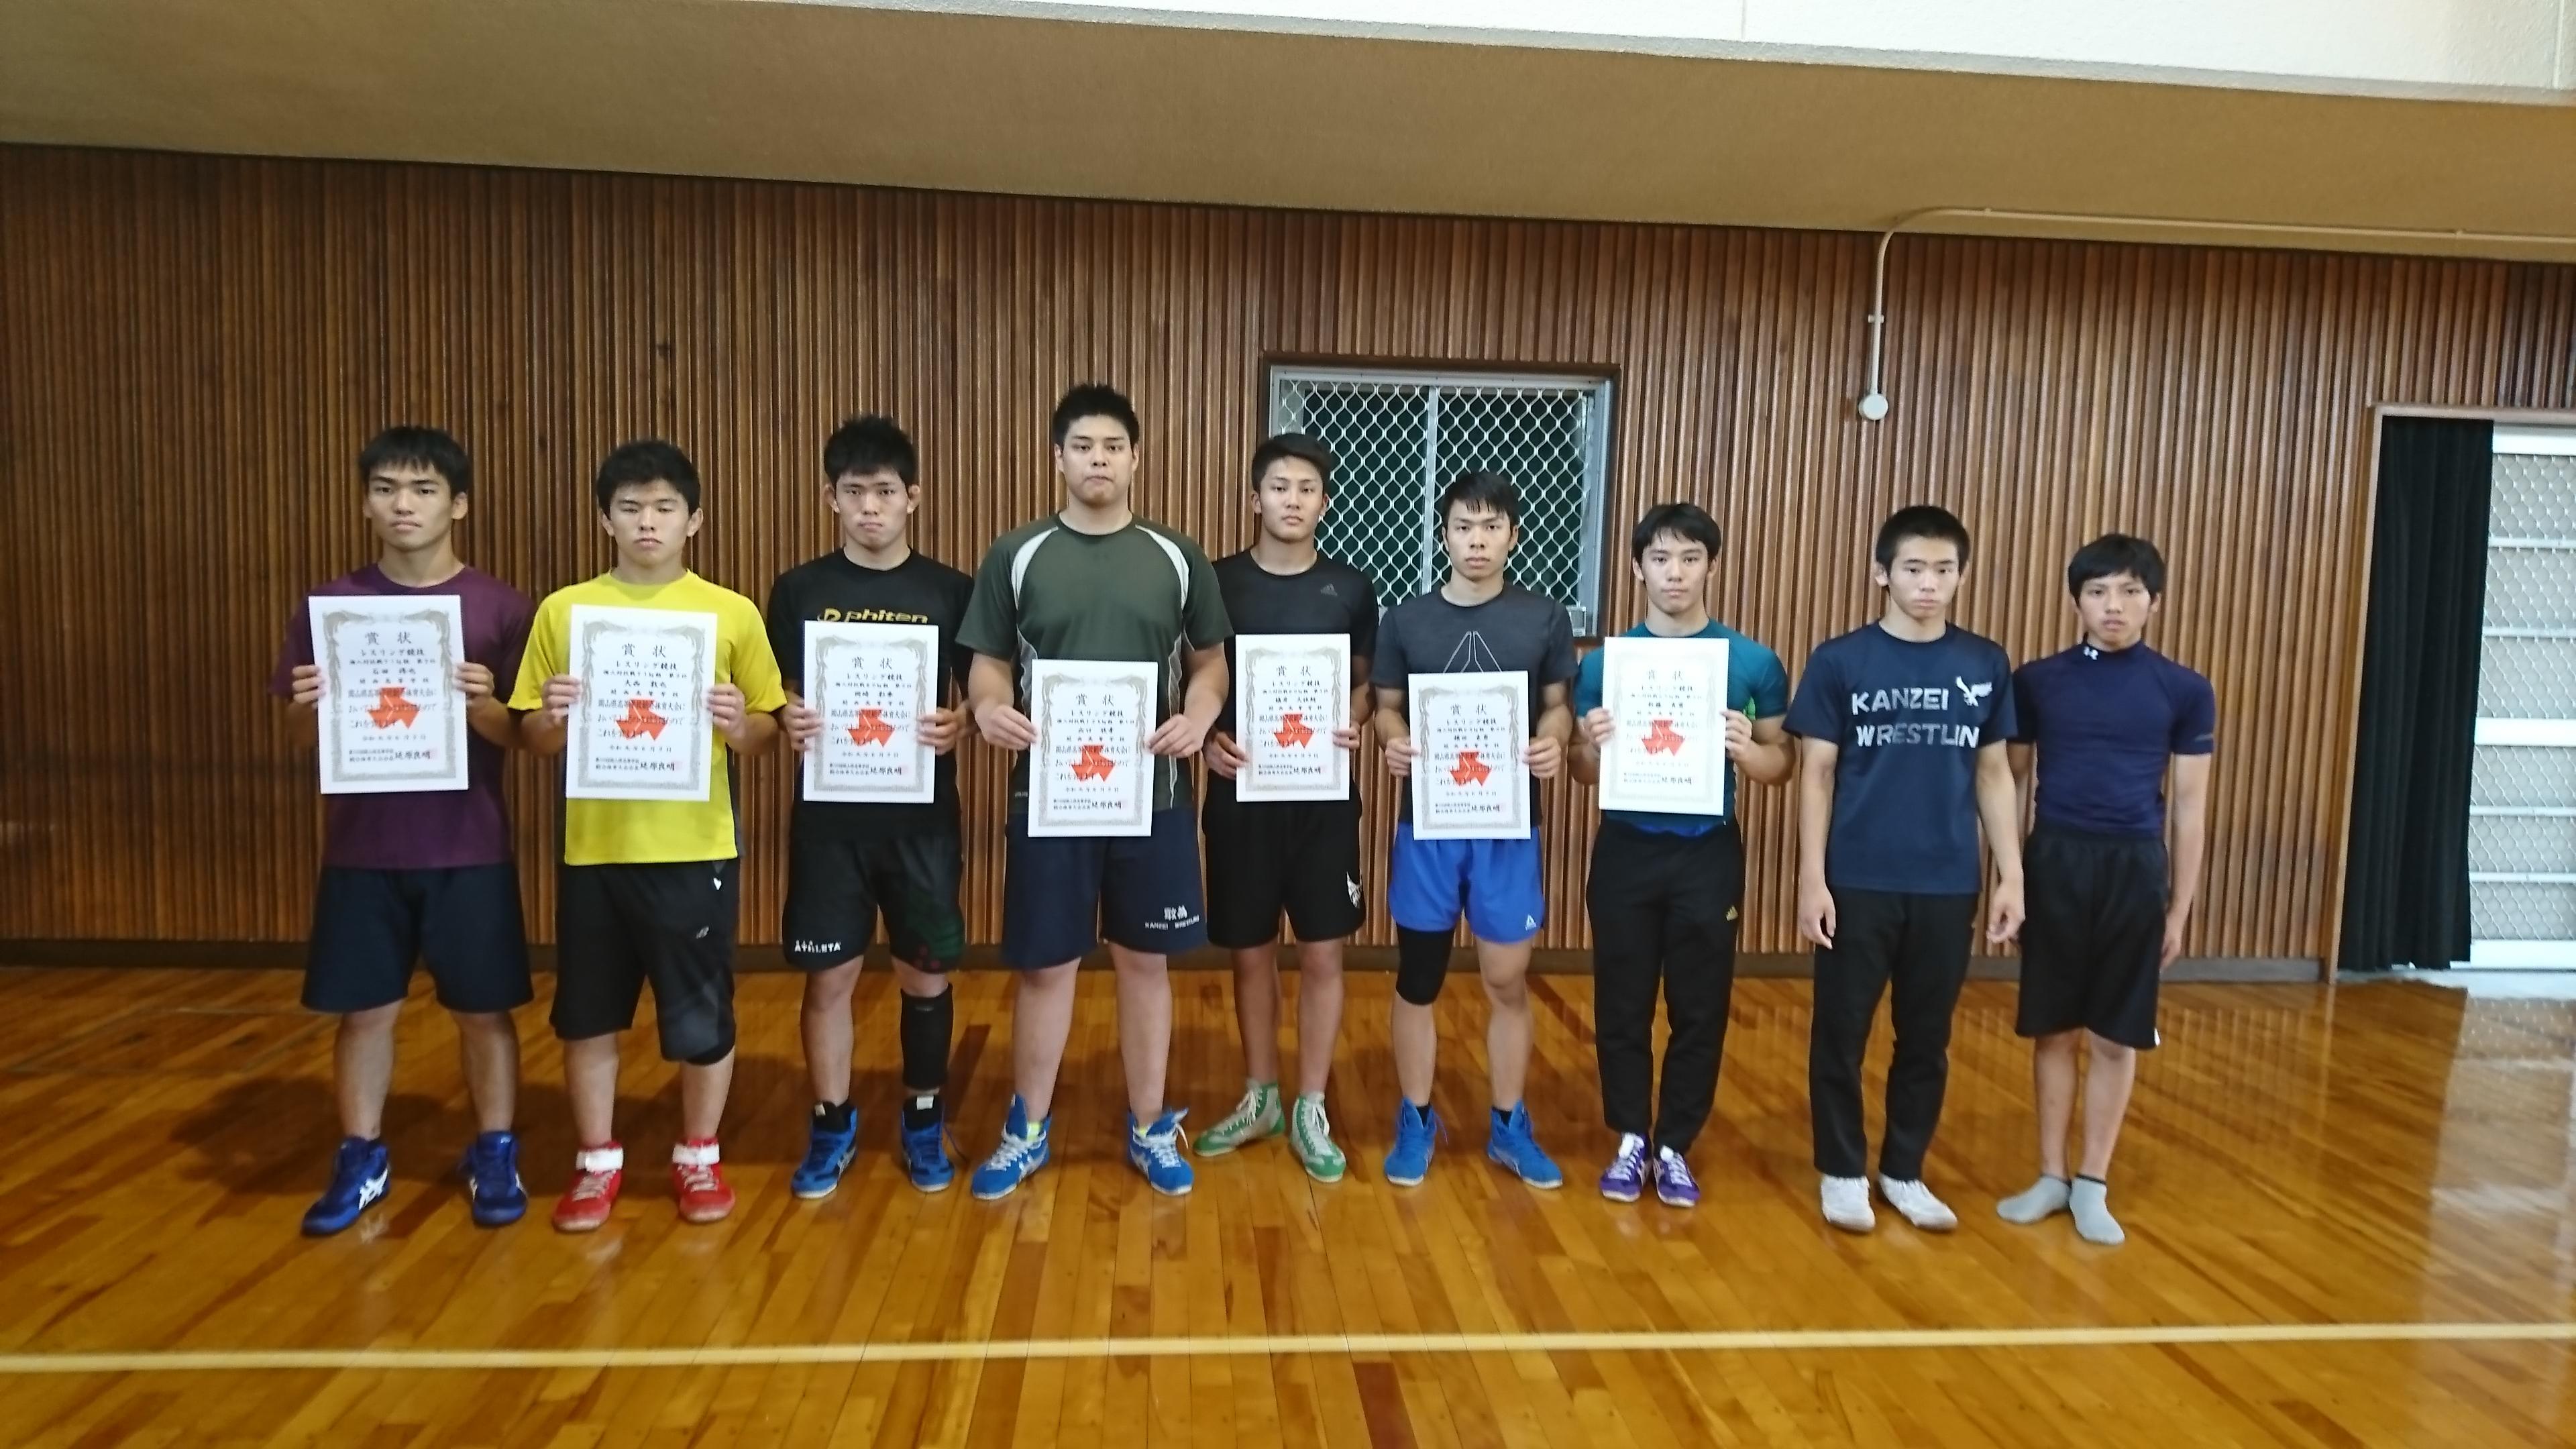 岡山県高校総体レスリング競技